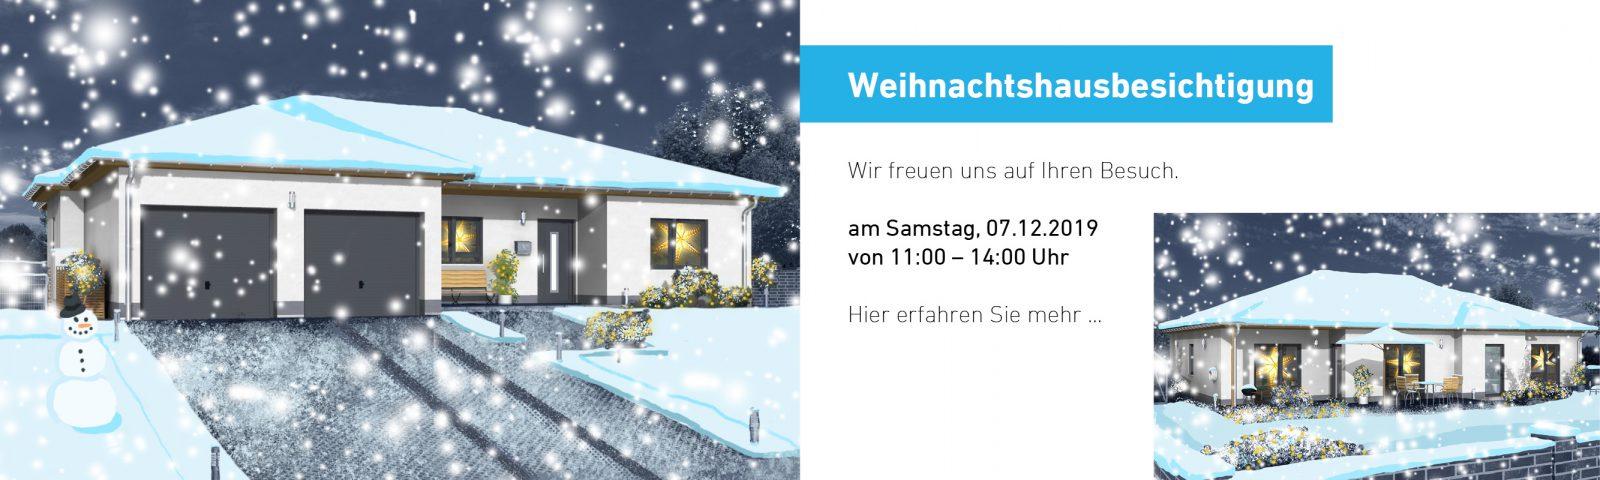 Weihnachtshausbesichtigung